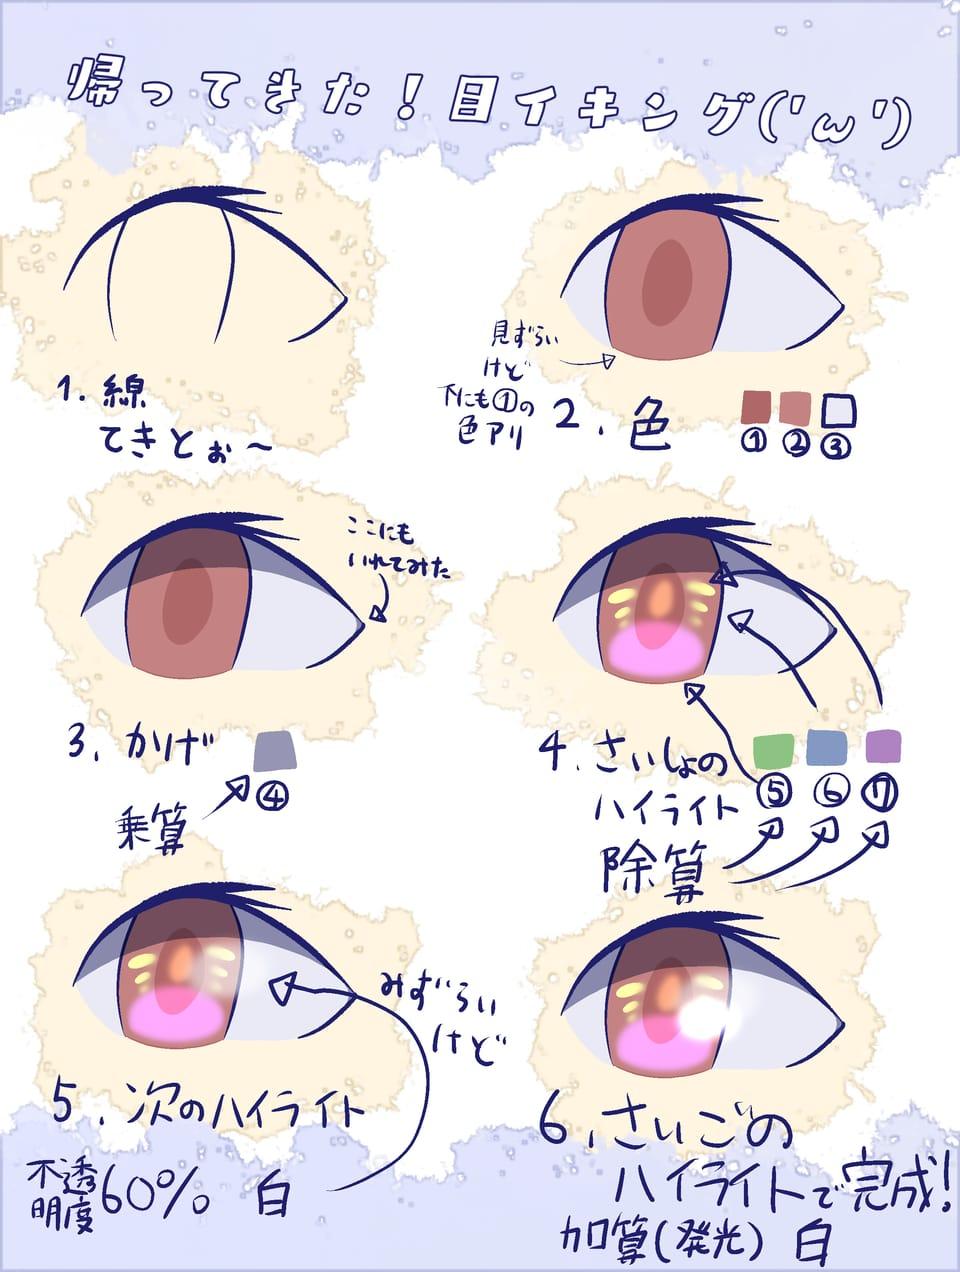 帰ってきた!目イキング('ω') Illust of ぽみあん('ω') The_Challengers 目イキング tutorial medibangpaint